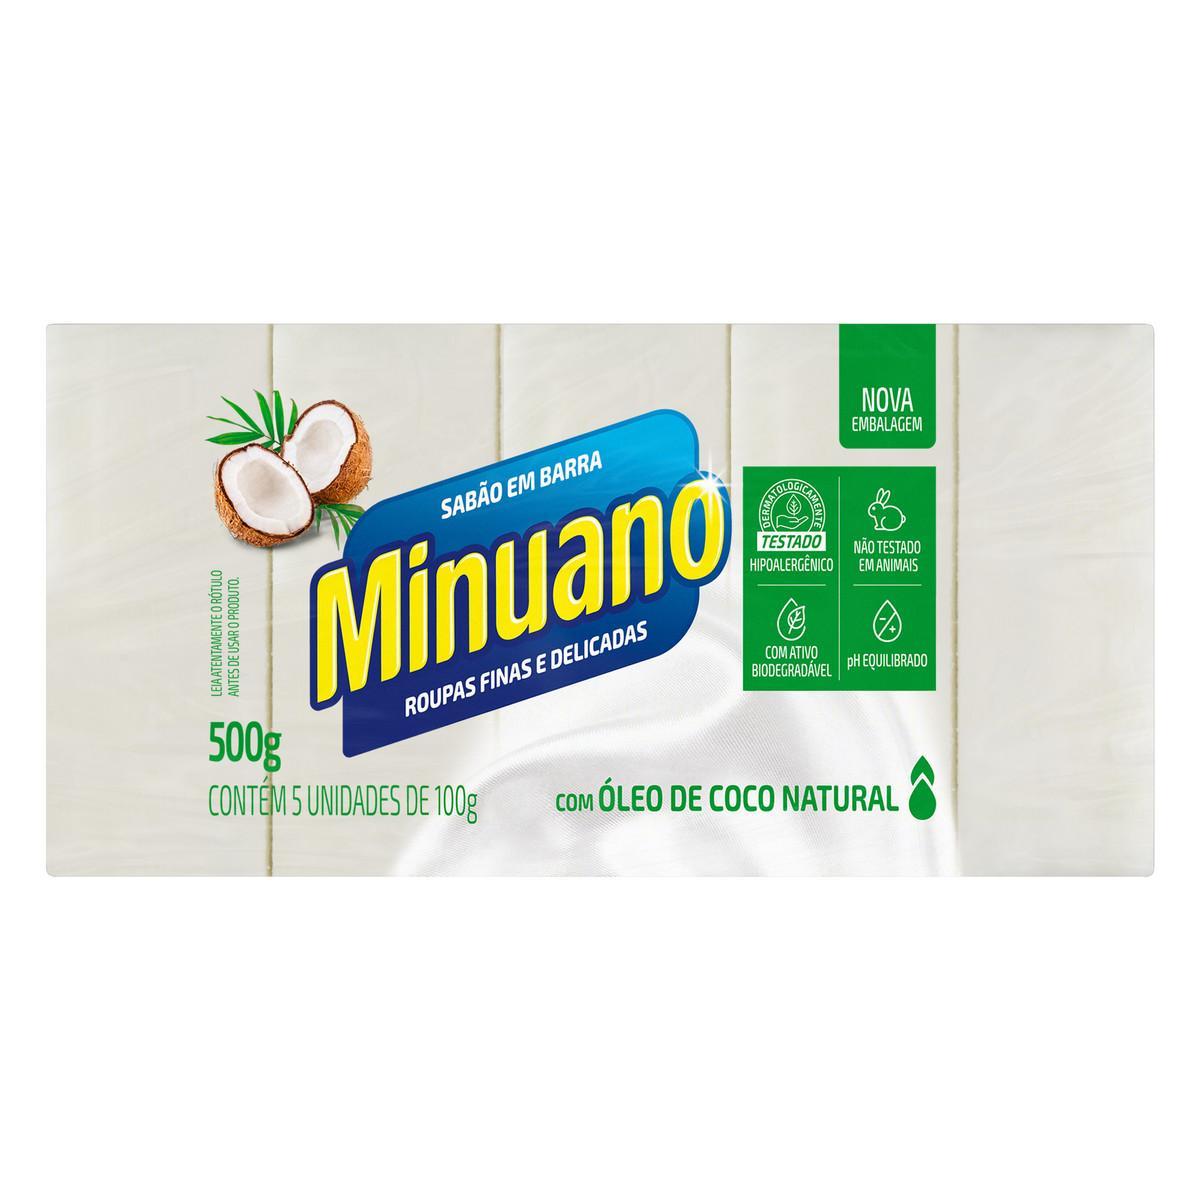 Sabão em Barra Glicerinado de Coco 500g (05 unidades de 100g) Minuano pacote PCT